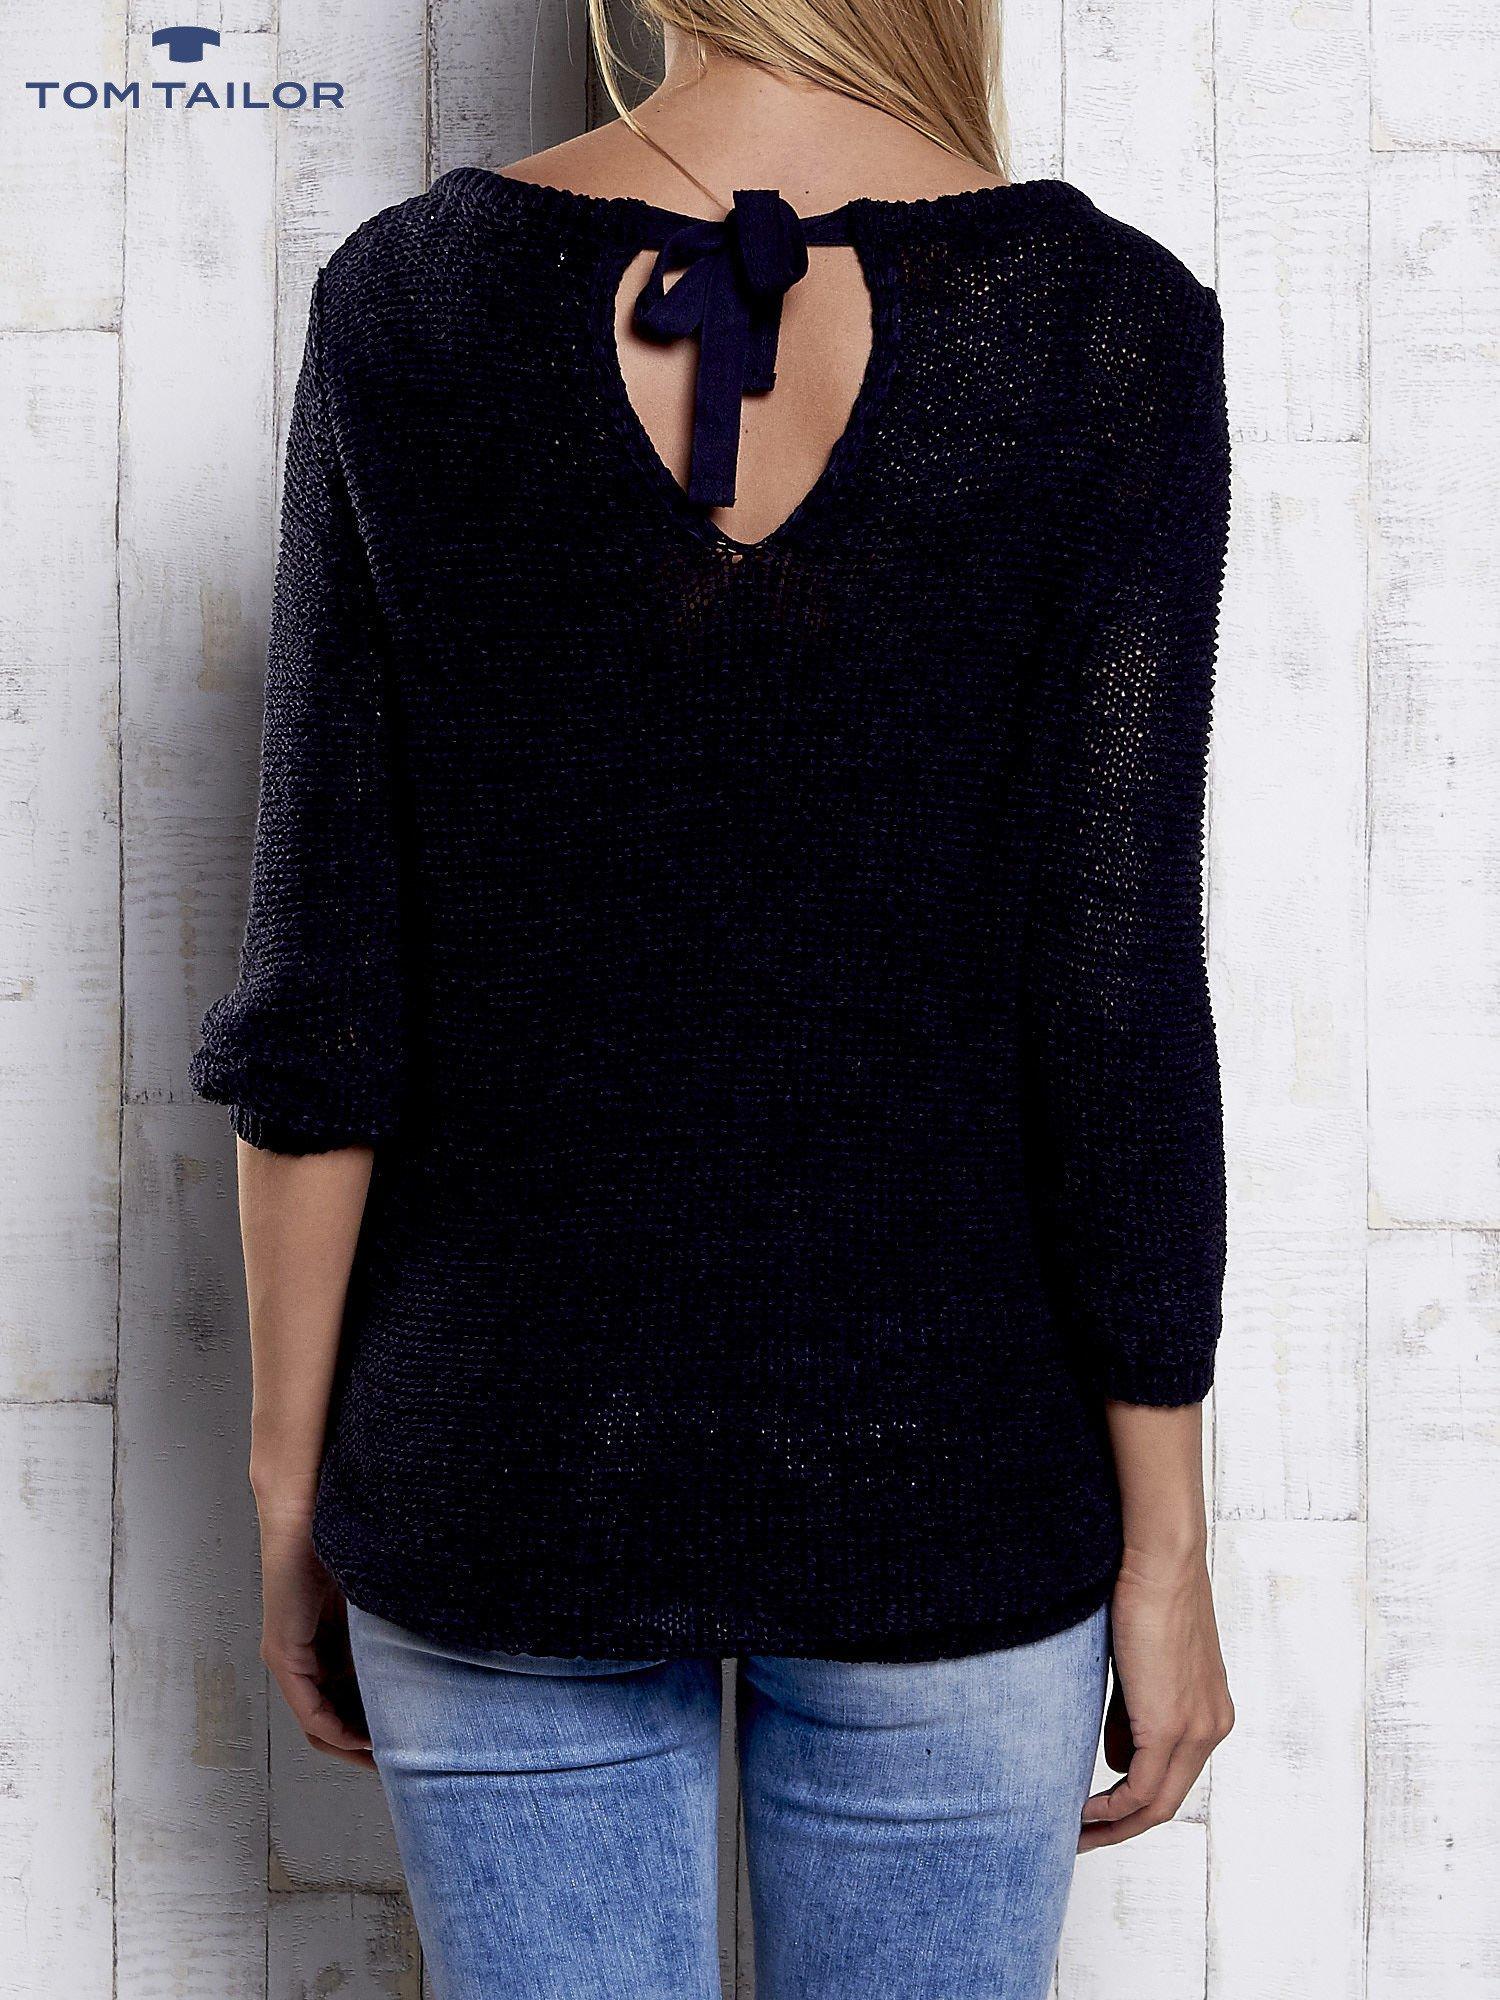 TOM TAILOR Granatowy sweter z kokardą na plecach                                  zdj.                                  5